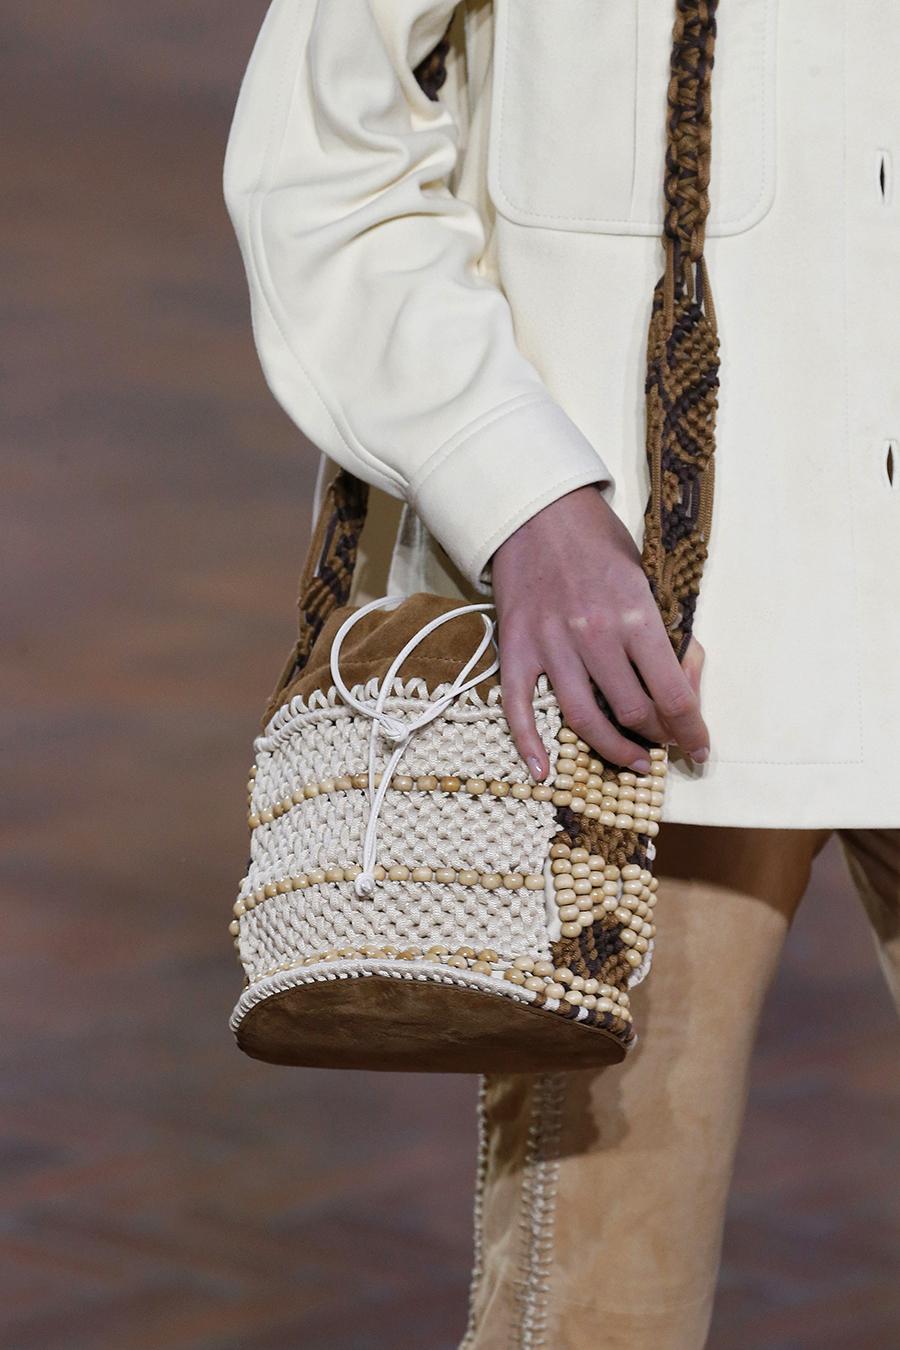 модная женская сумка лето 2021 клатч тоут шоппер пауч вязаная макраме белая бежевая коричневая